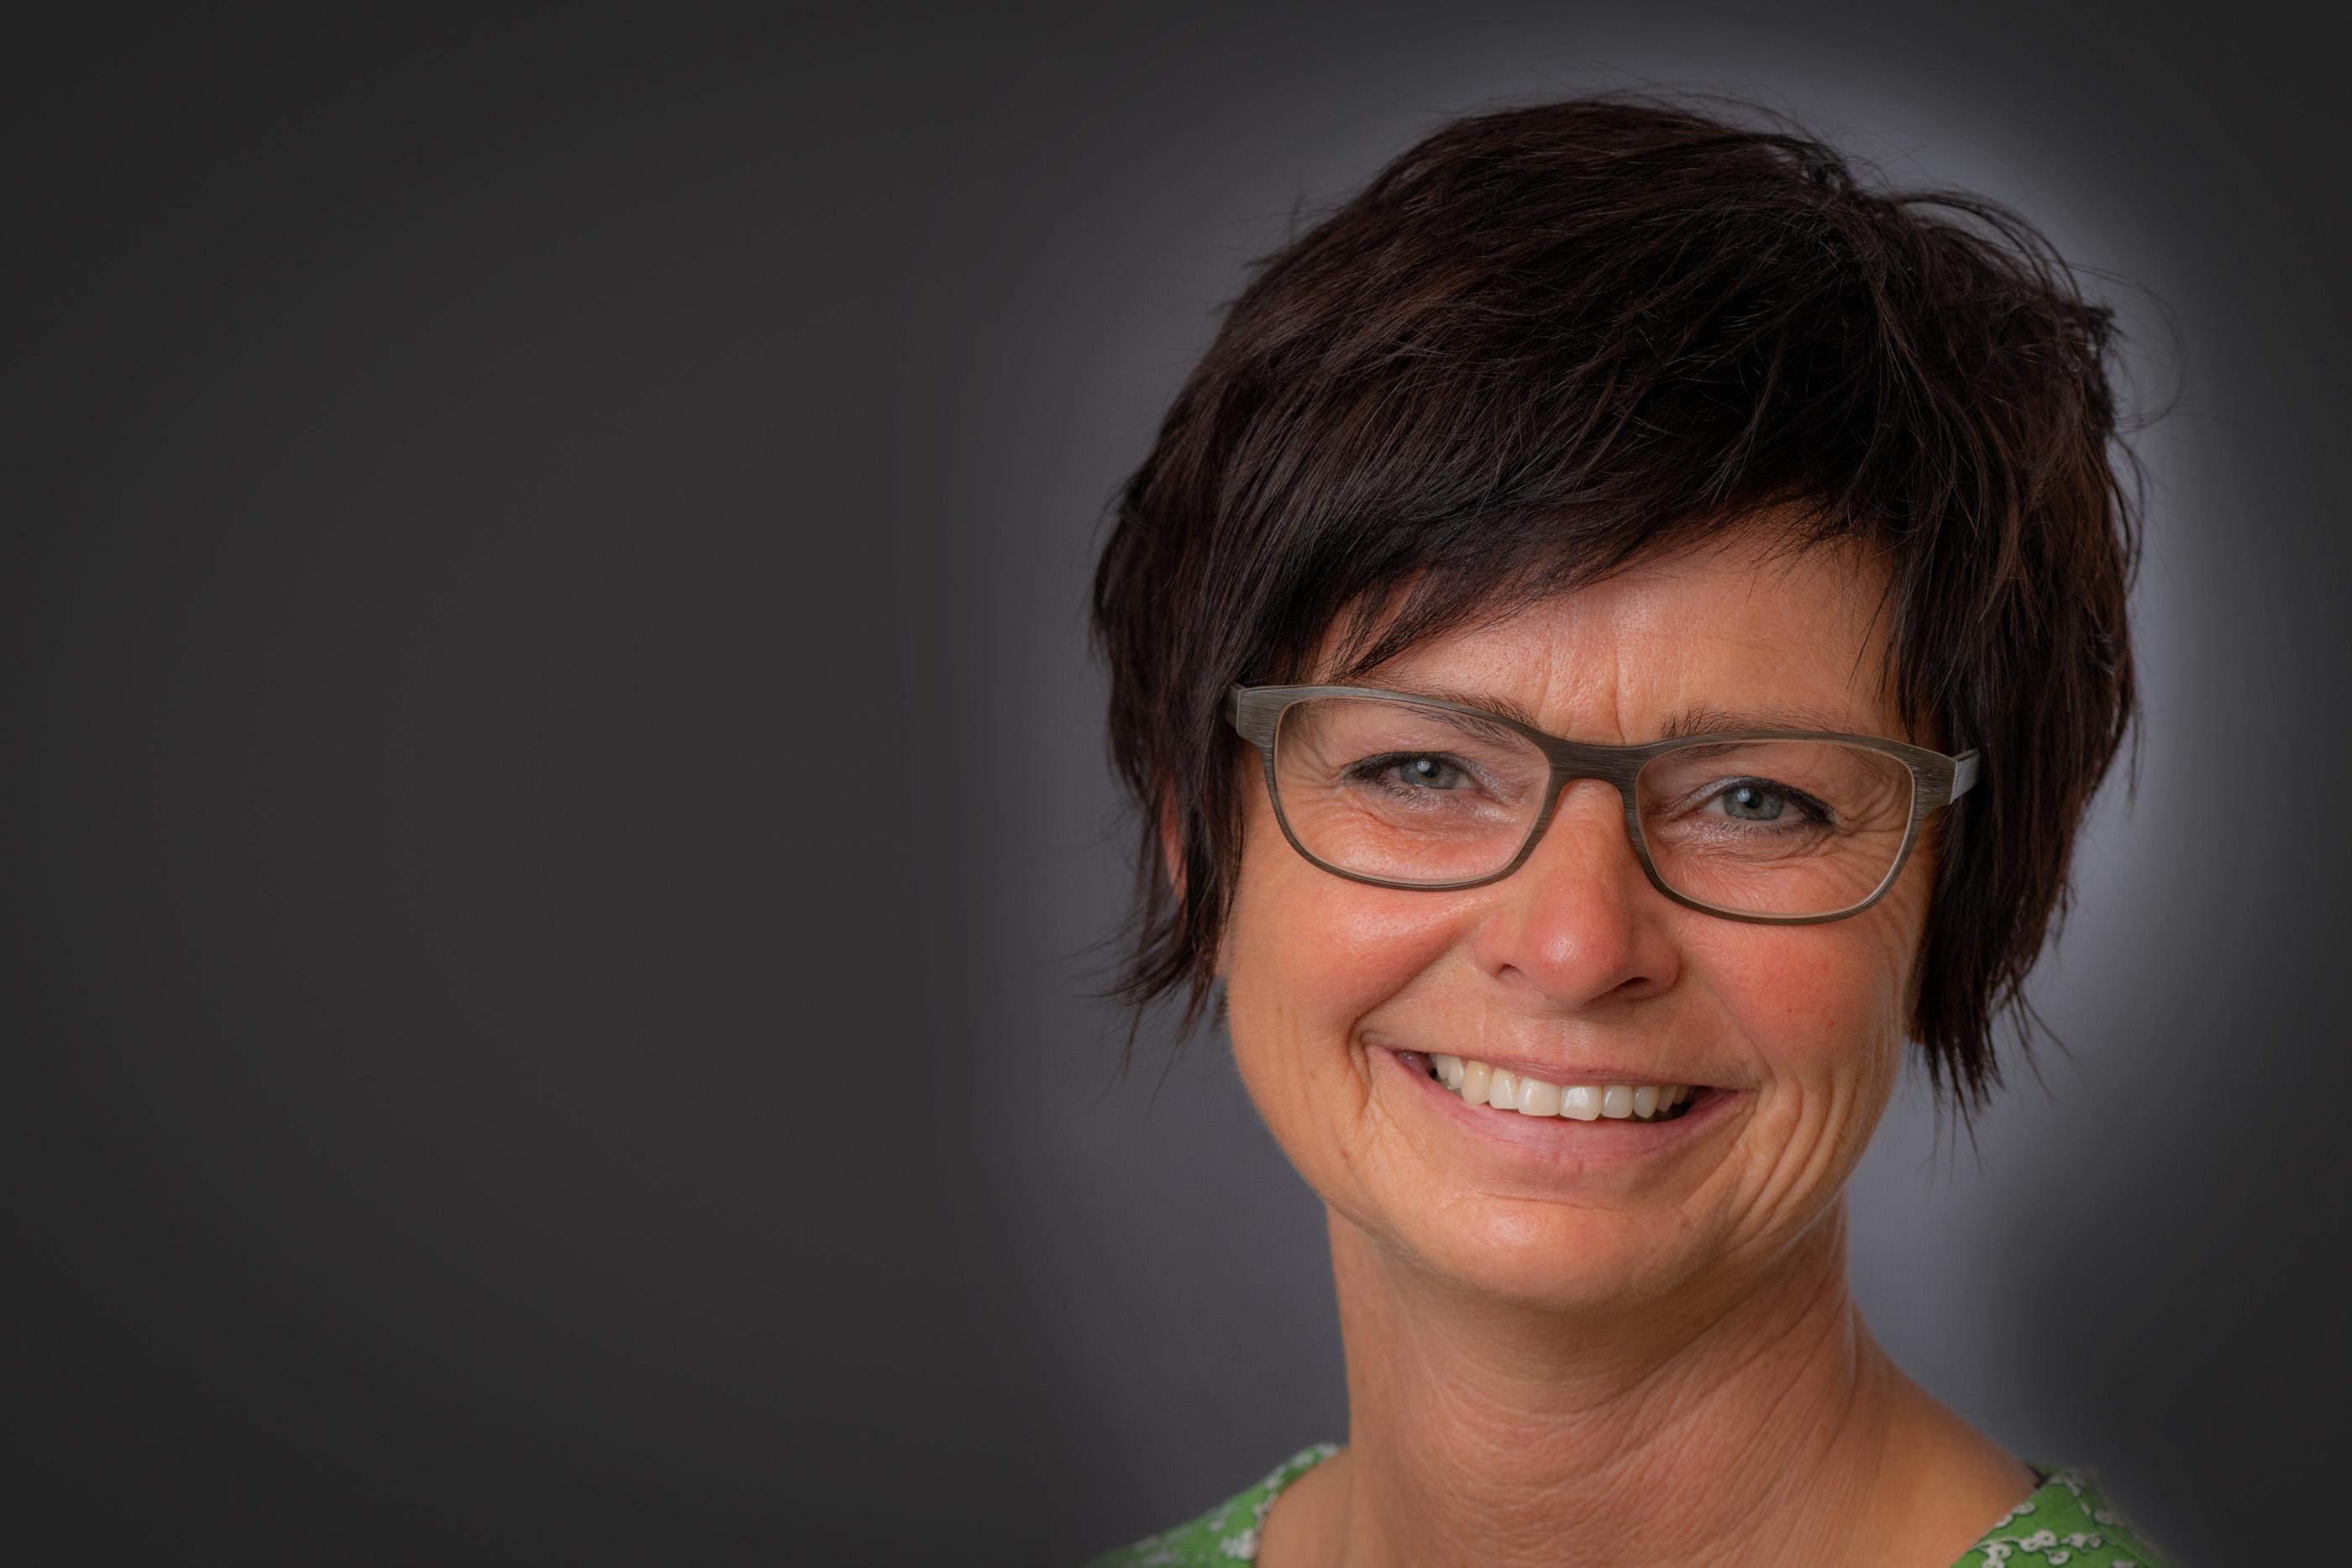 Monika Roosen